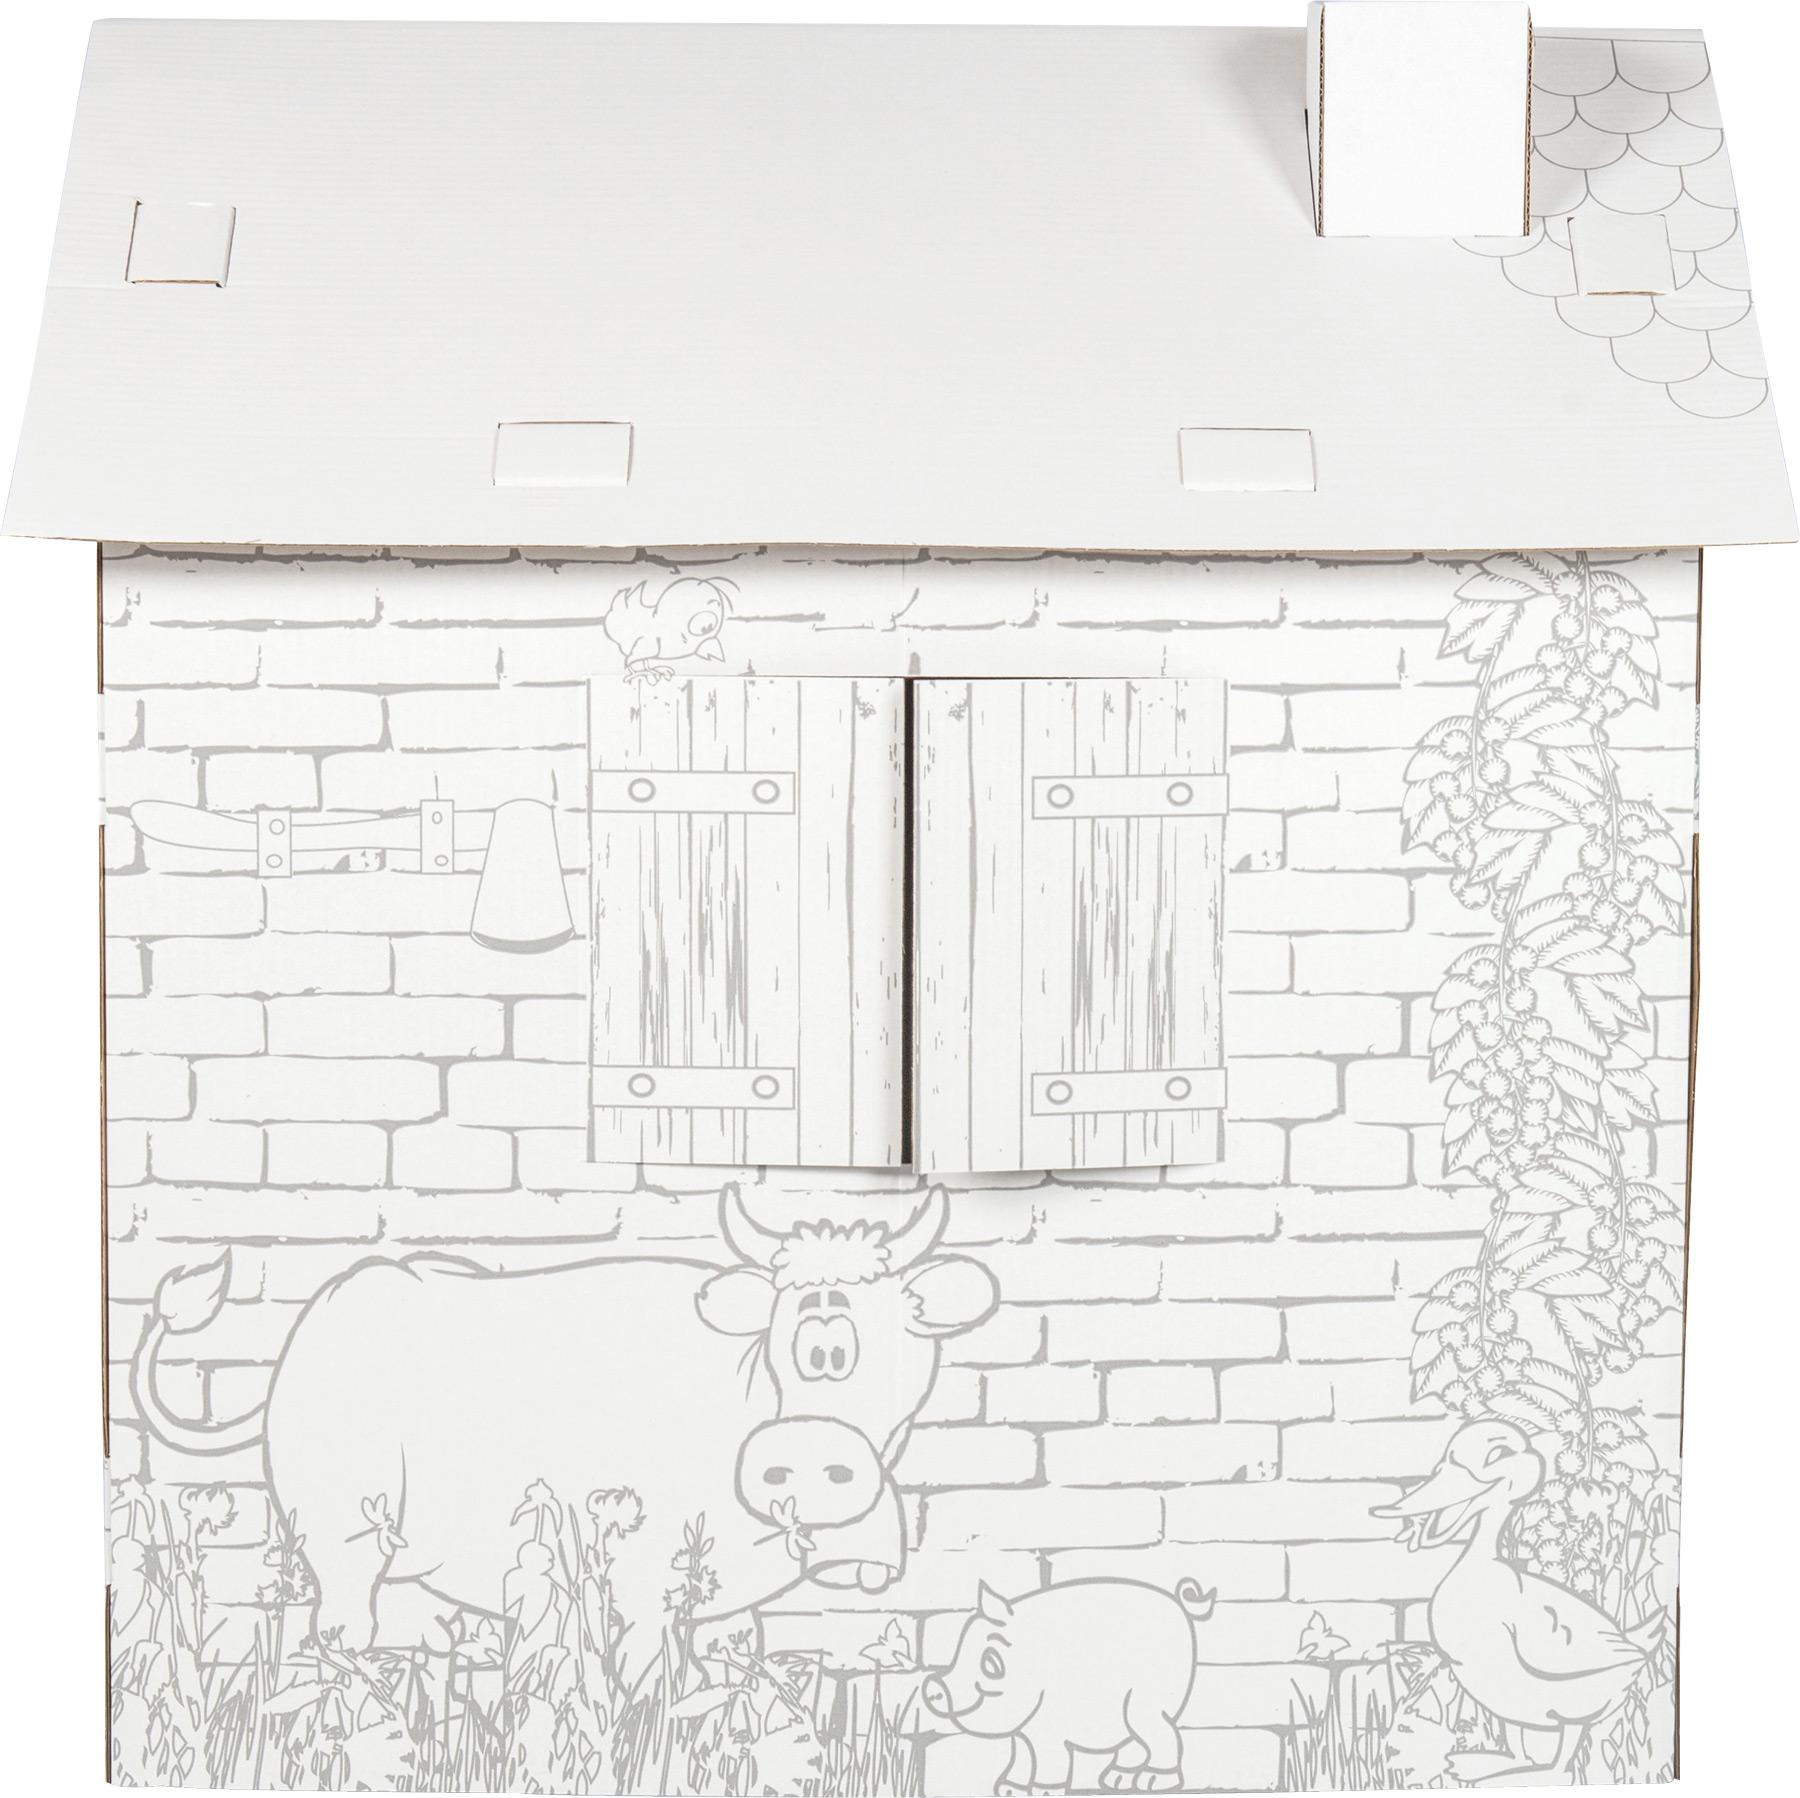 Maison en carton pour bricoler maisons de jeu du - Cabane en carton a colorier ...